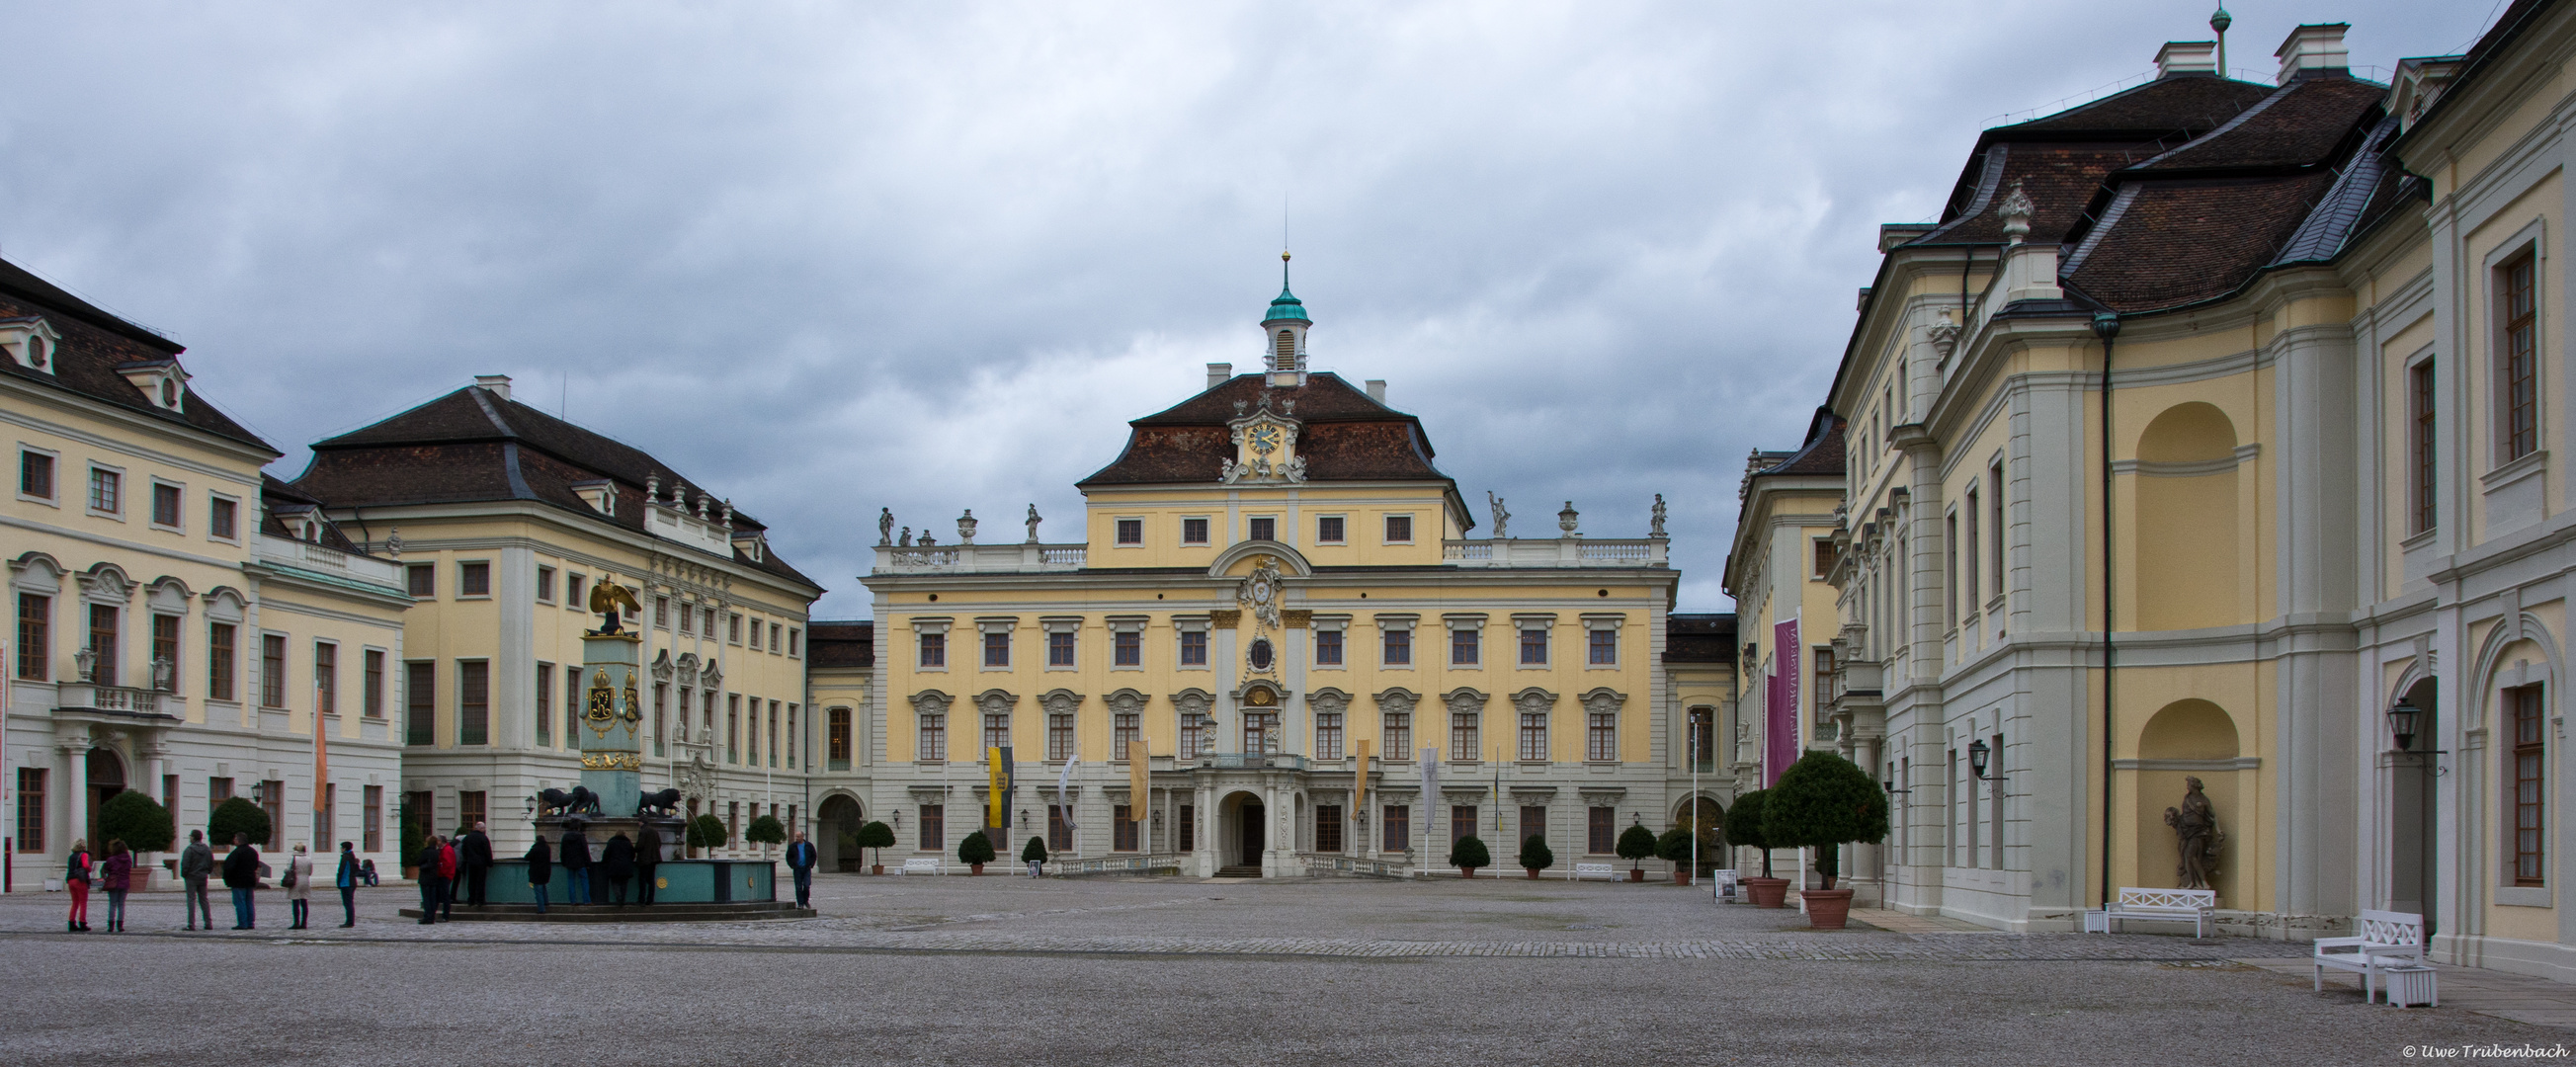 Das Residenzschloss in Ludwigsburg